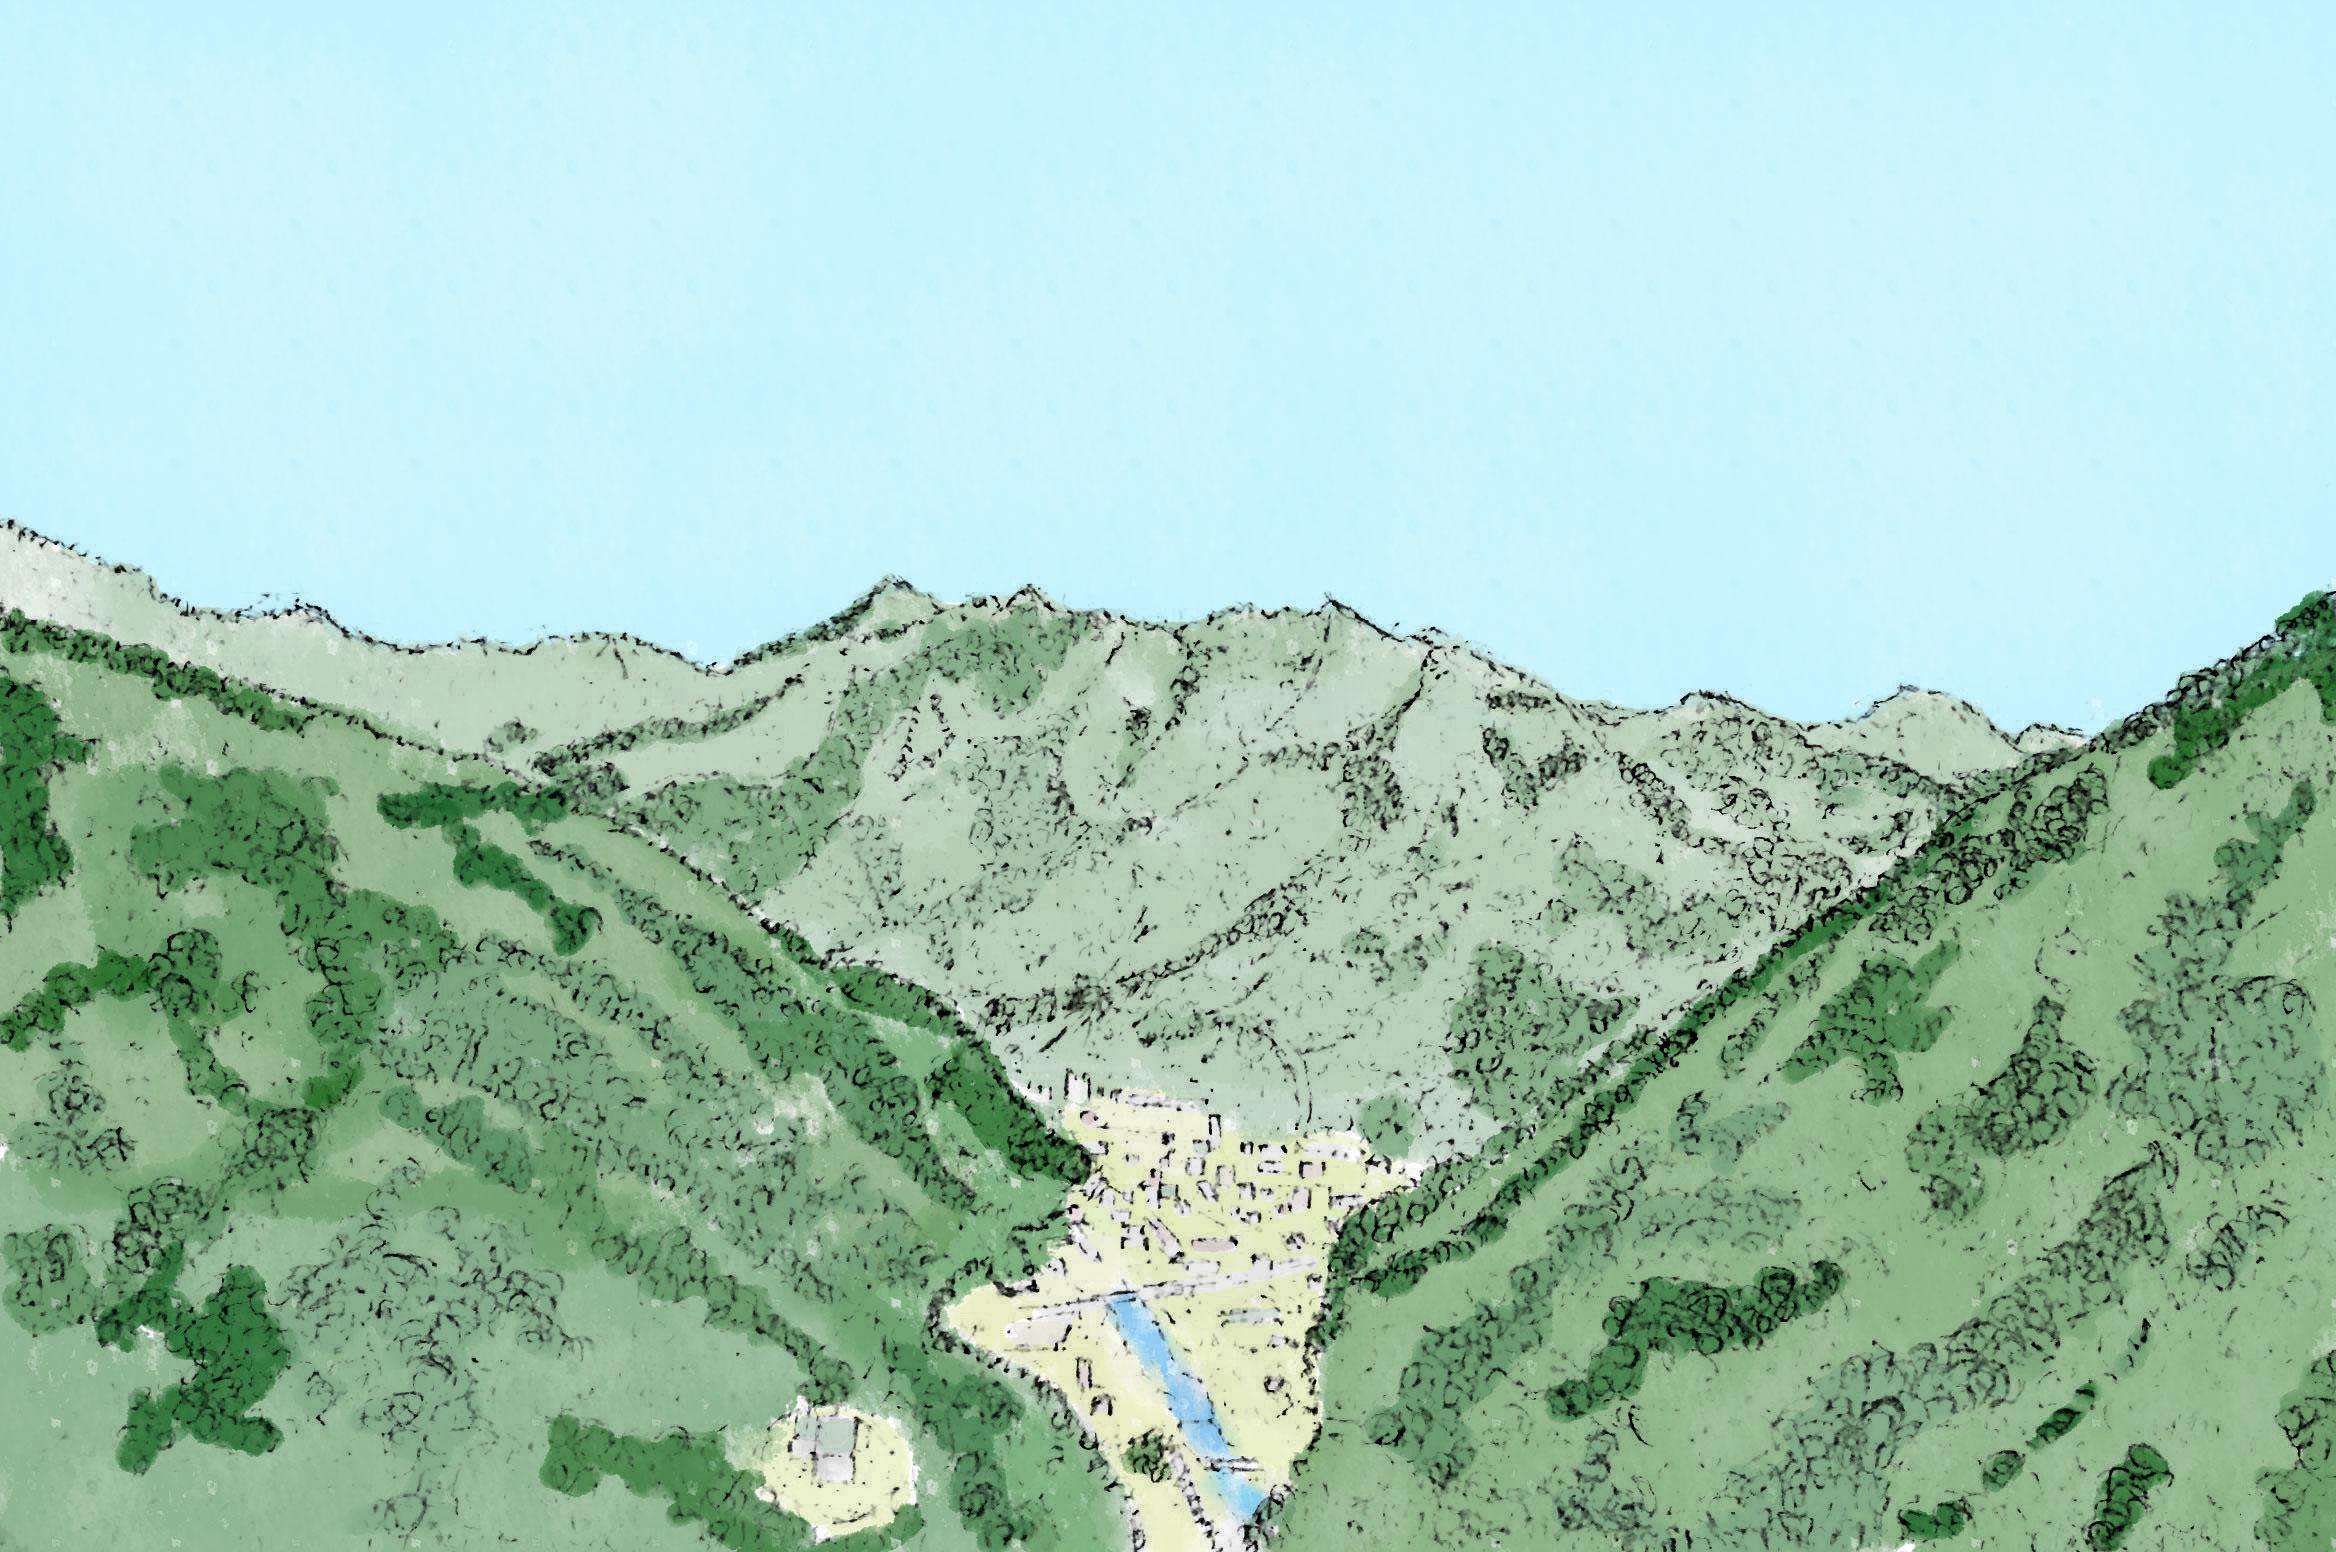 NIPPONIA小菅源流の村のアクセス方法!最寄り駅や駐車場は?値段も1